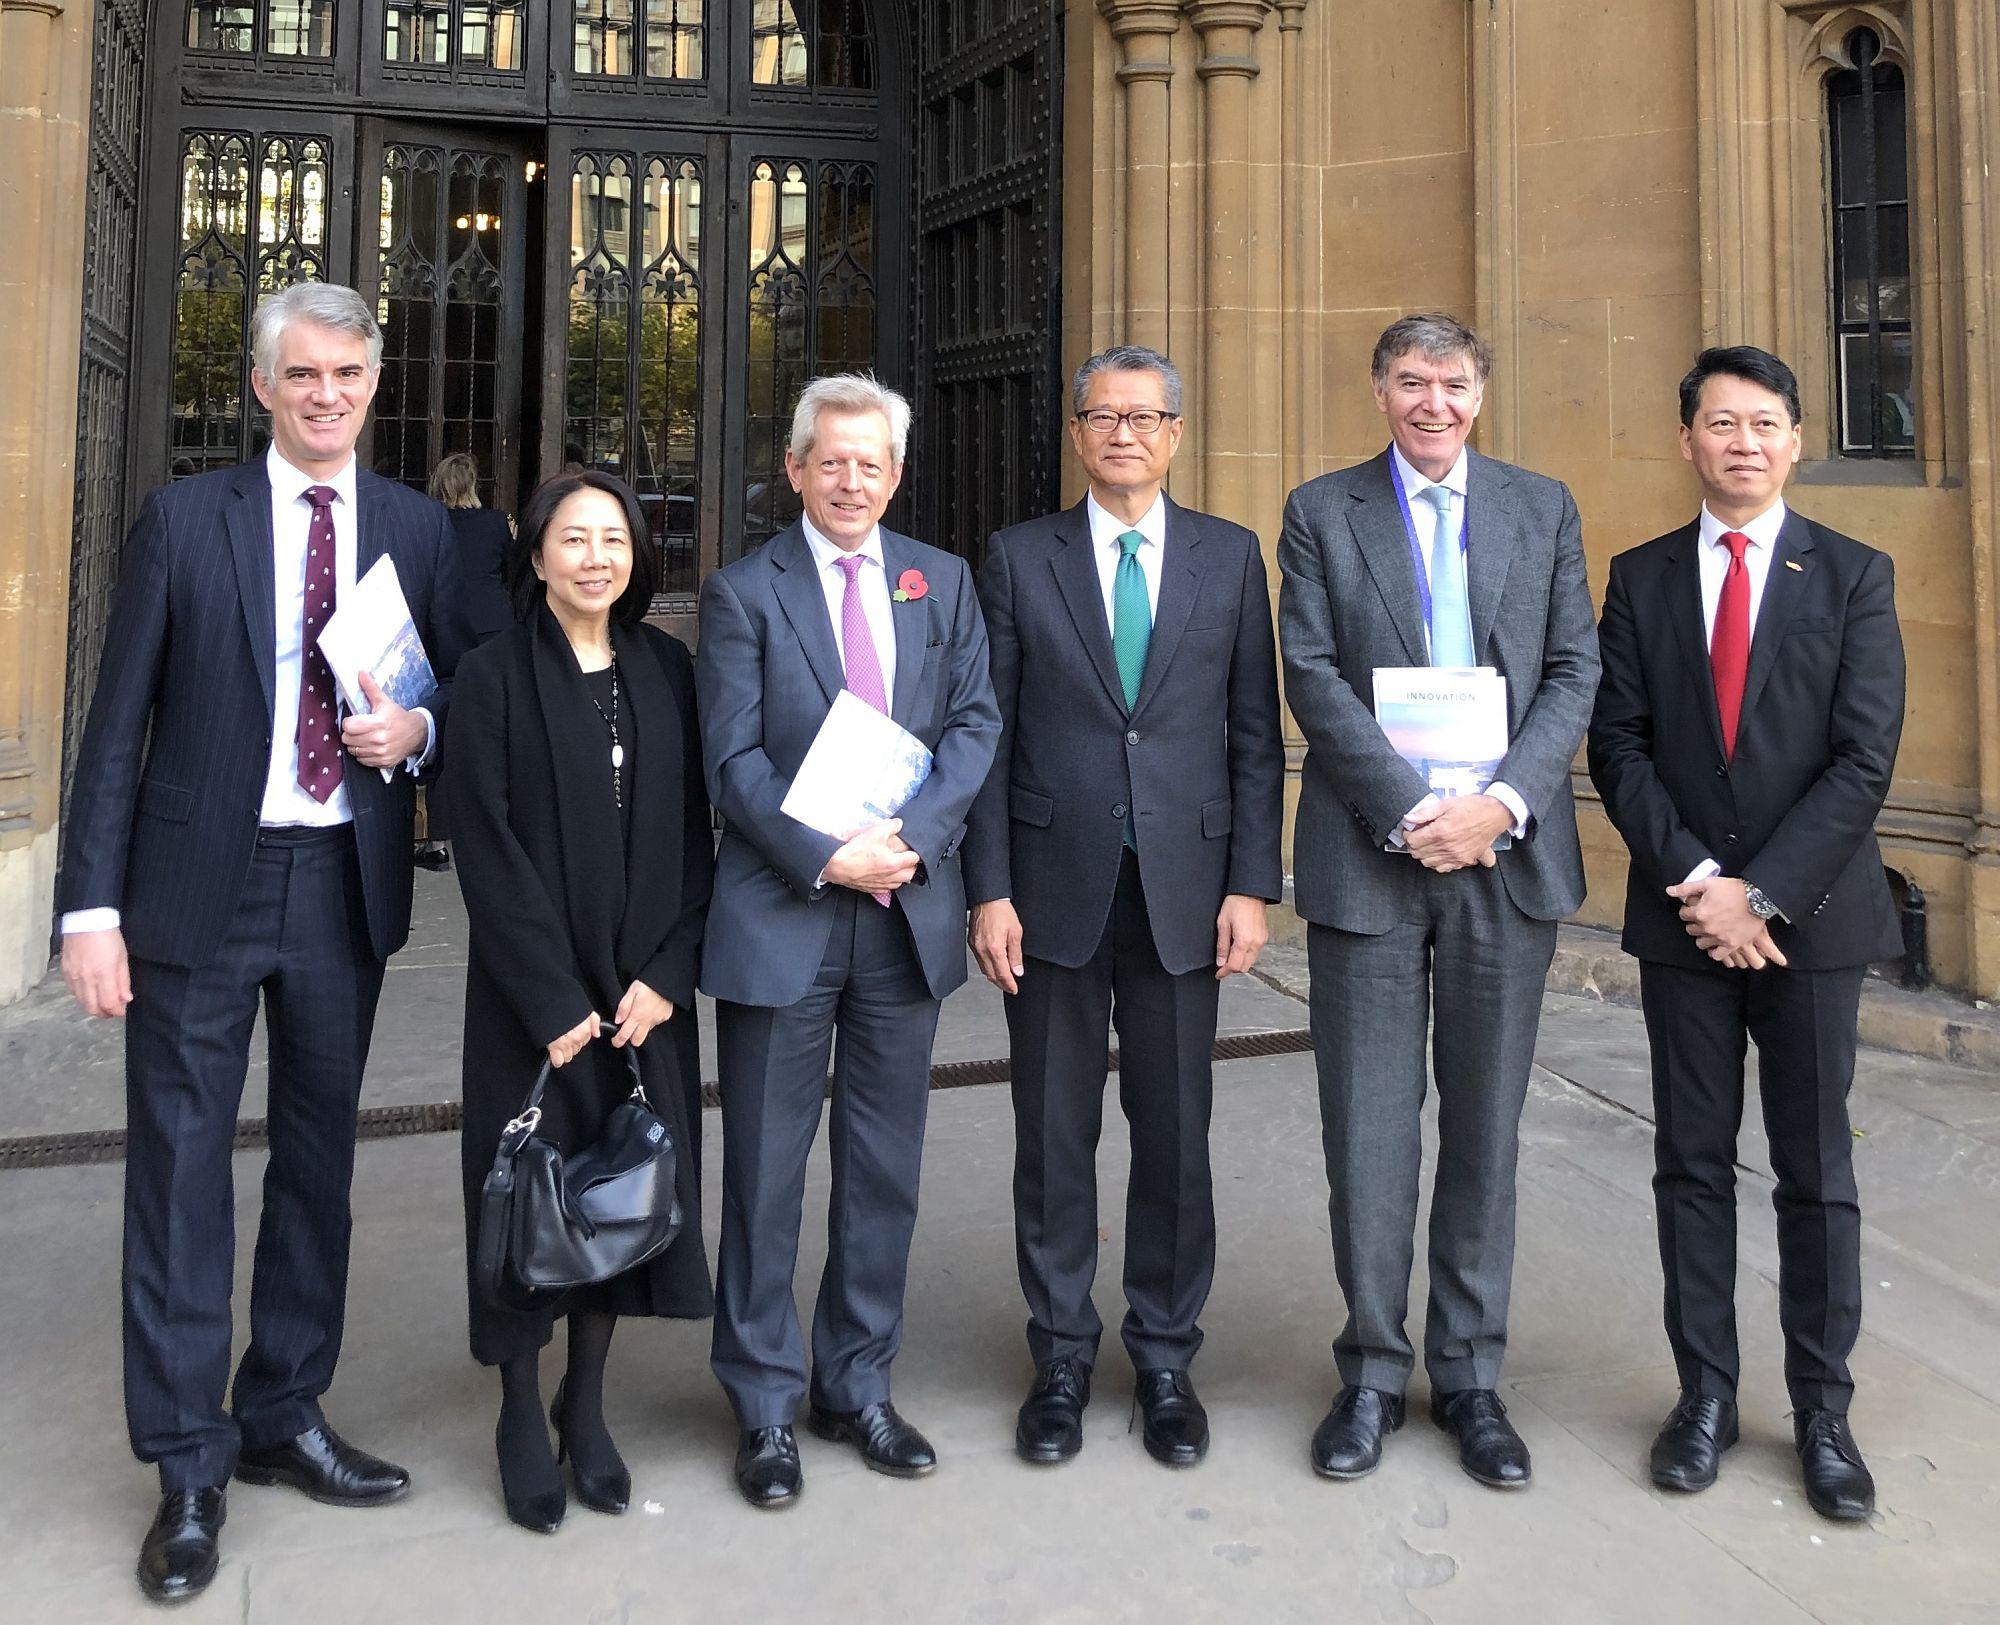 陳茂波(右三)訪問倫敦時,與英國國會跨黨派中國事務小組成員會面,簡介香港形勢的最新情況。